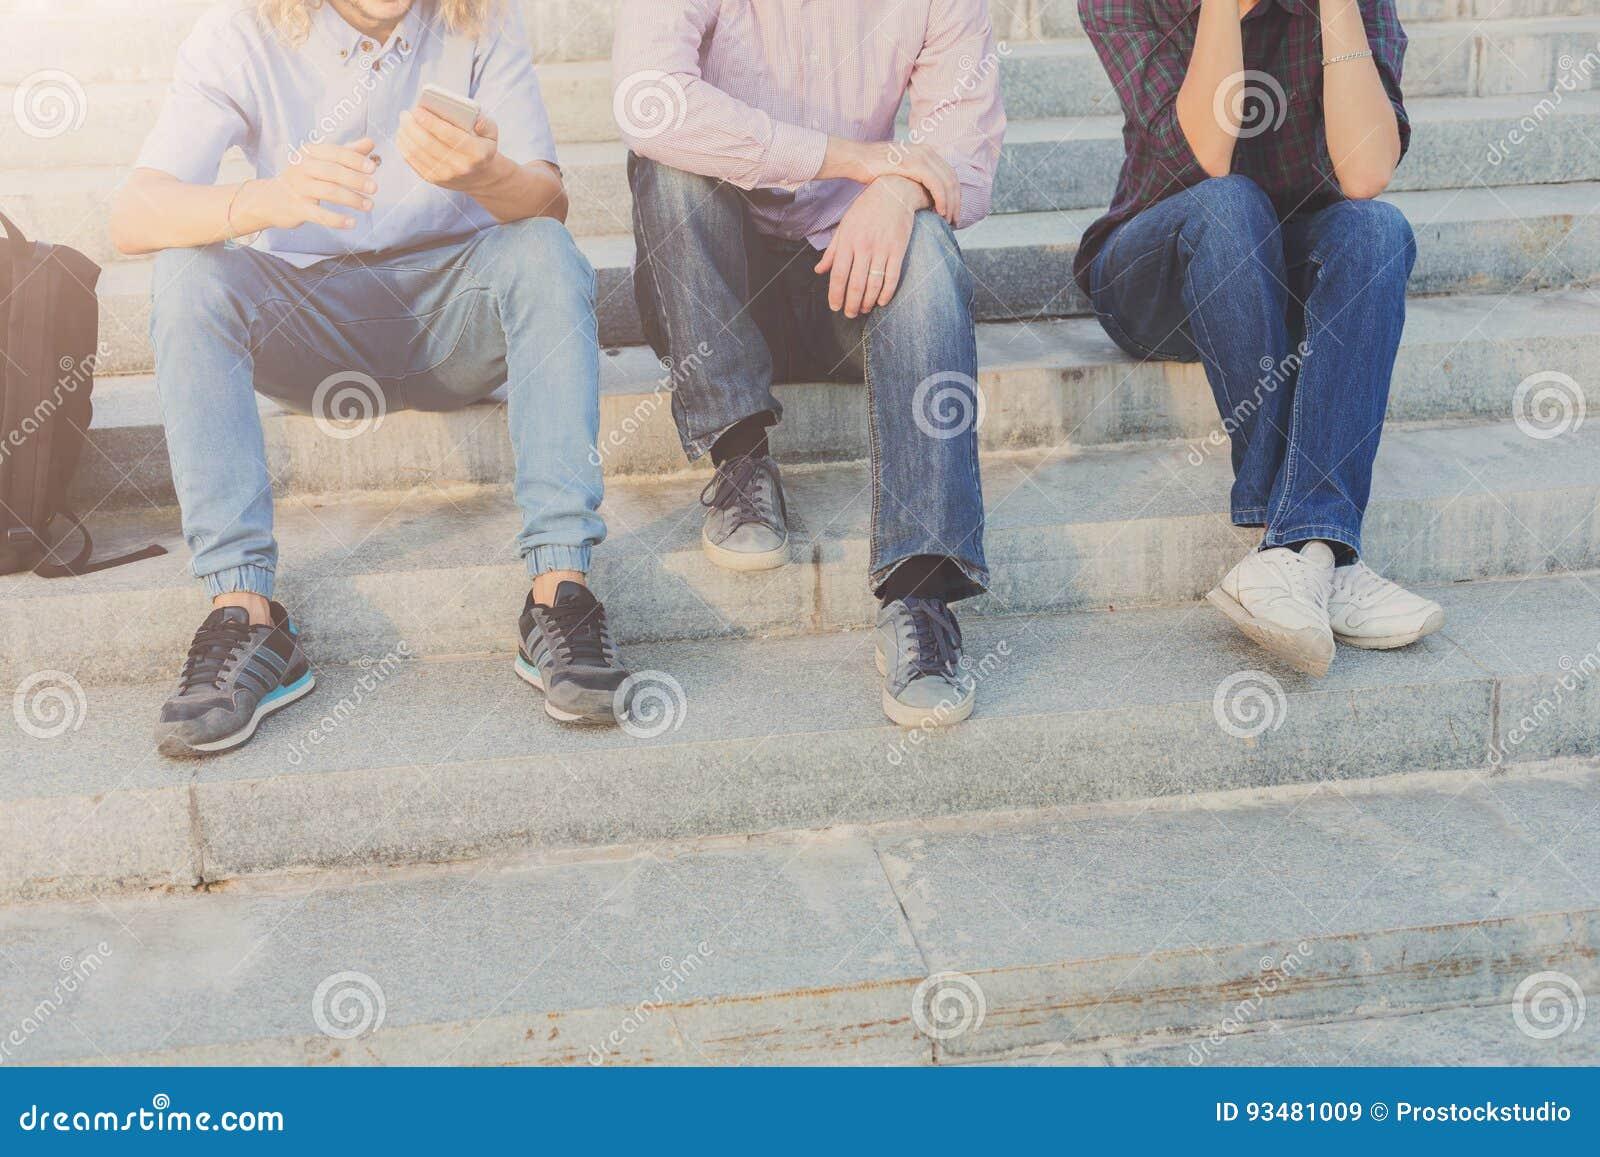 Grupp människor med utomhus- grejer, kopieringsutrymme